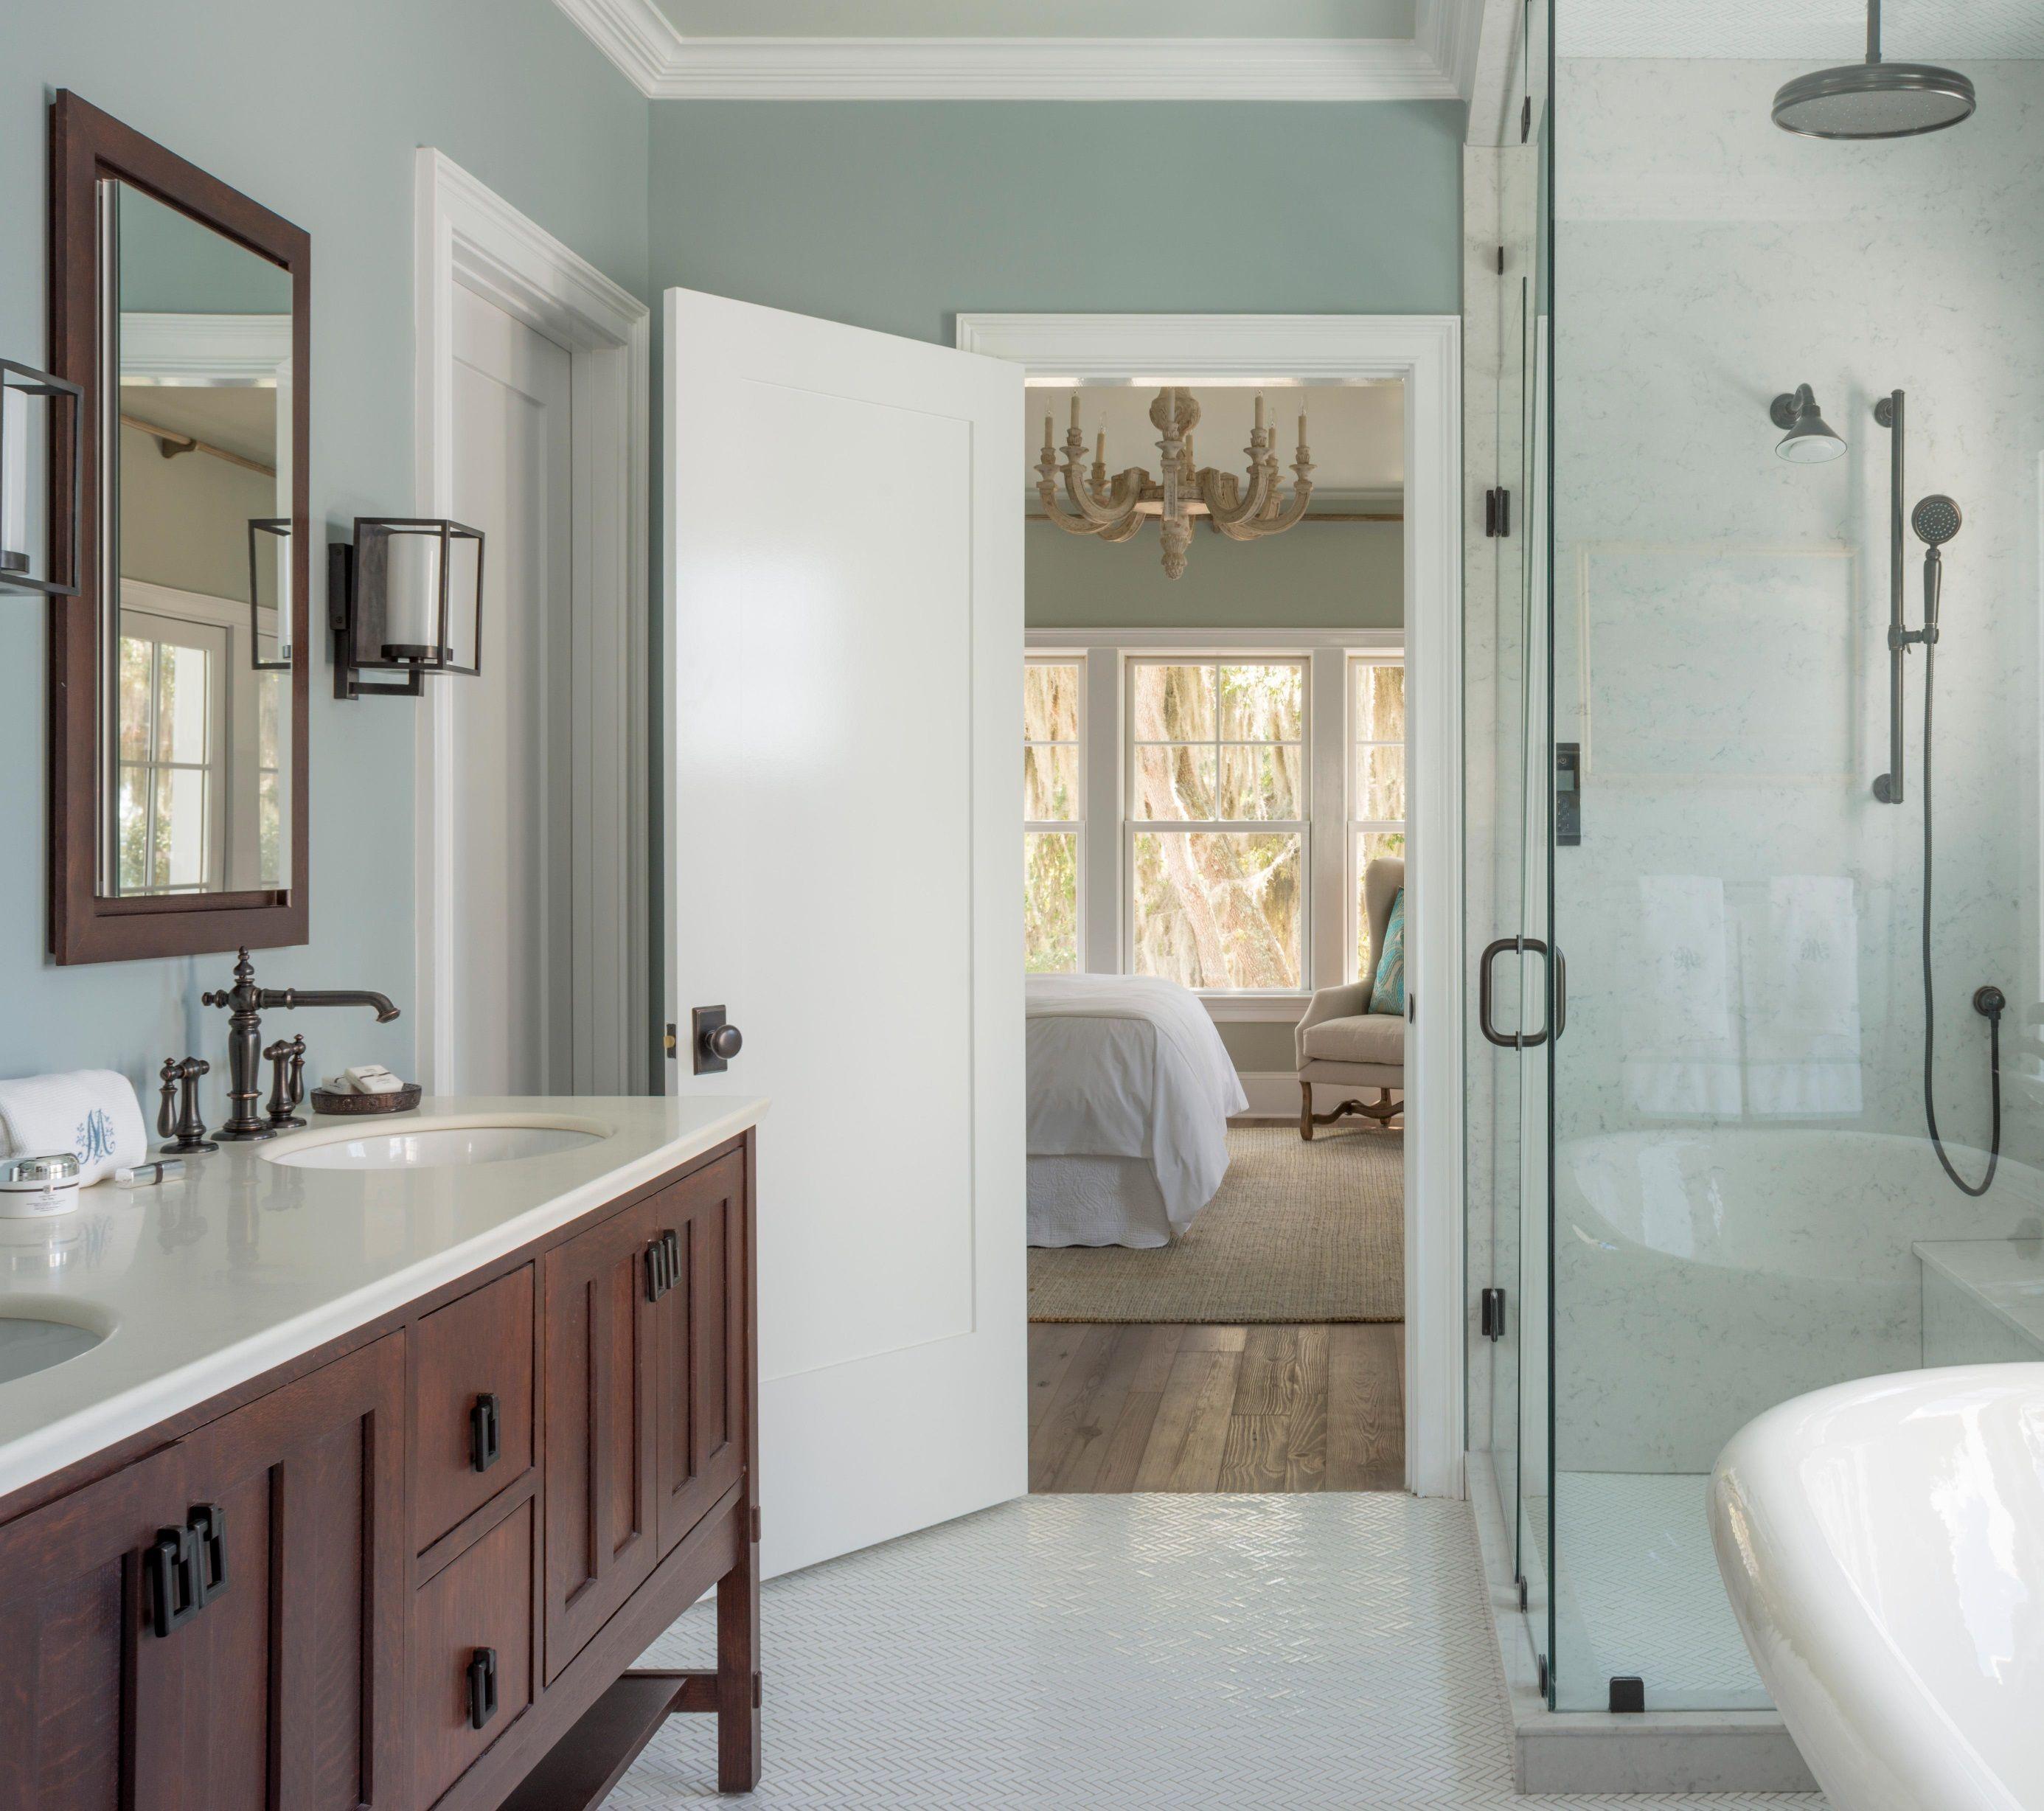 Master bath paint color - gray cashmere | Bathrooms ...